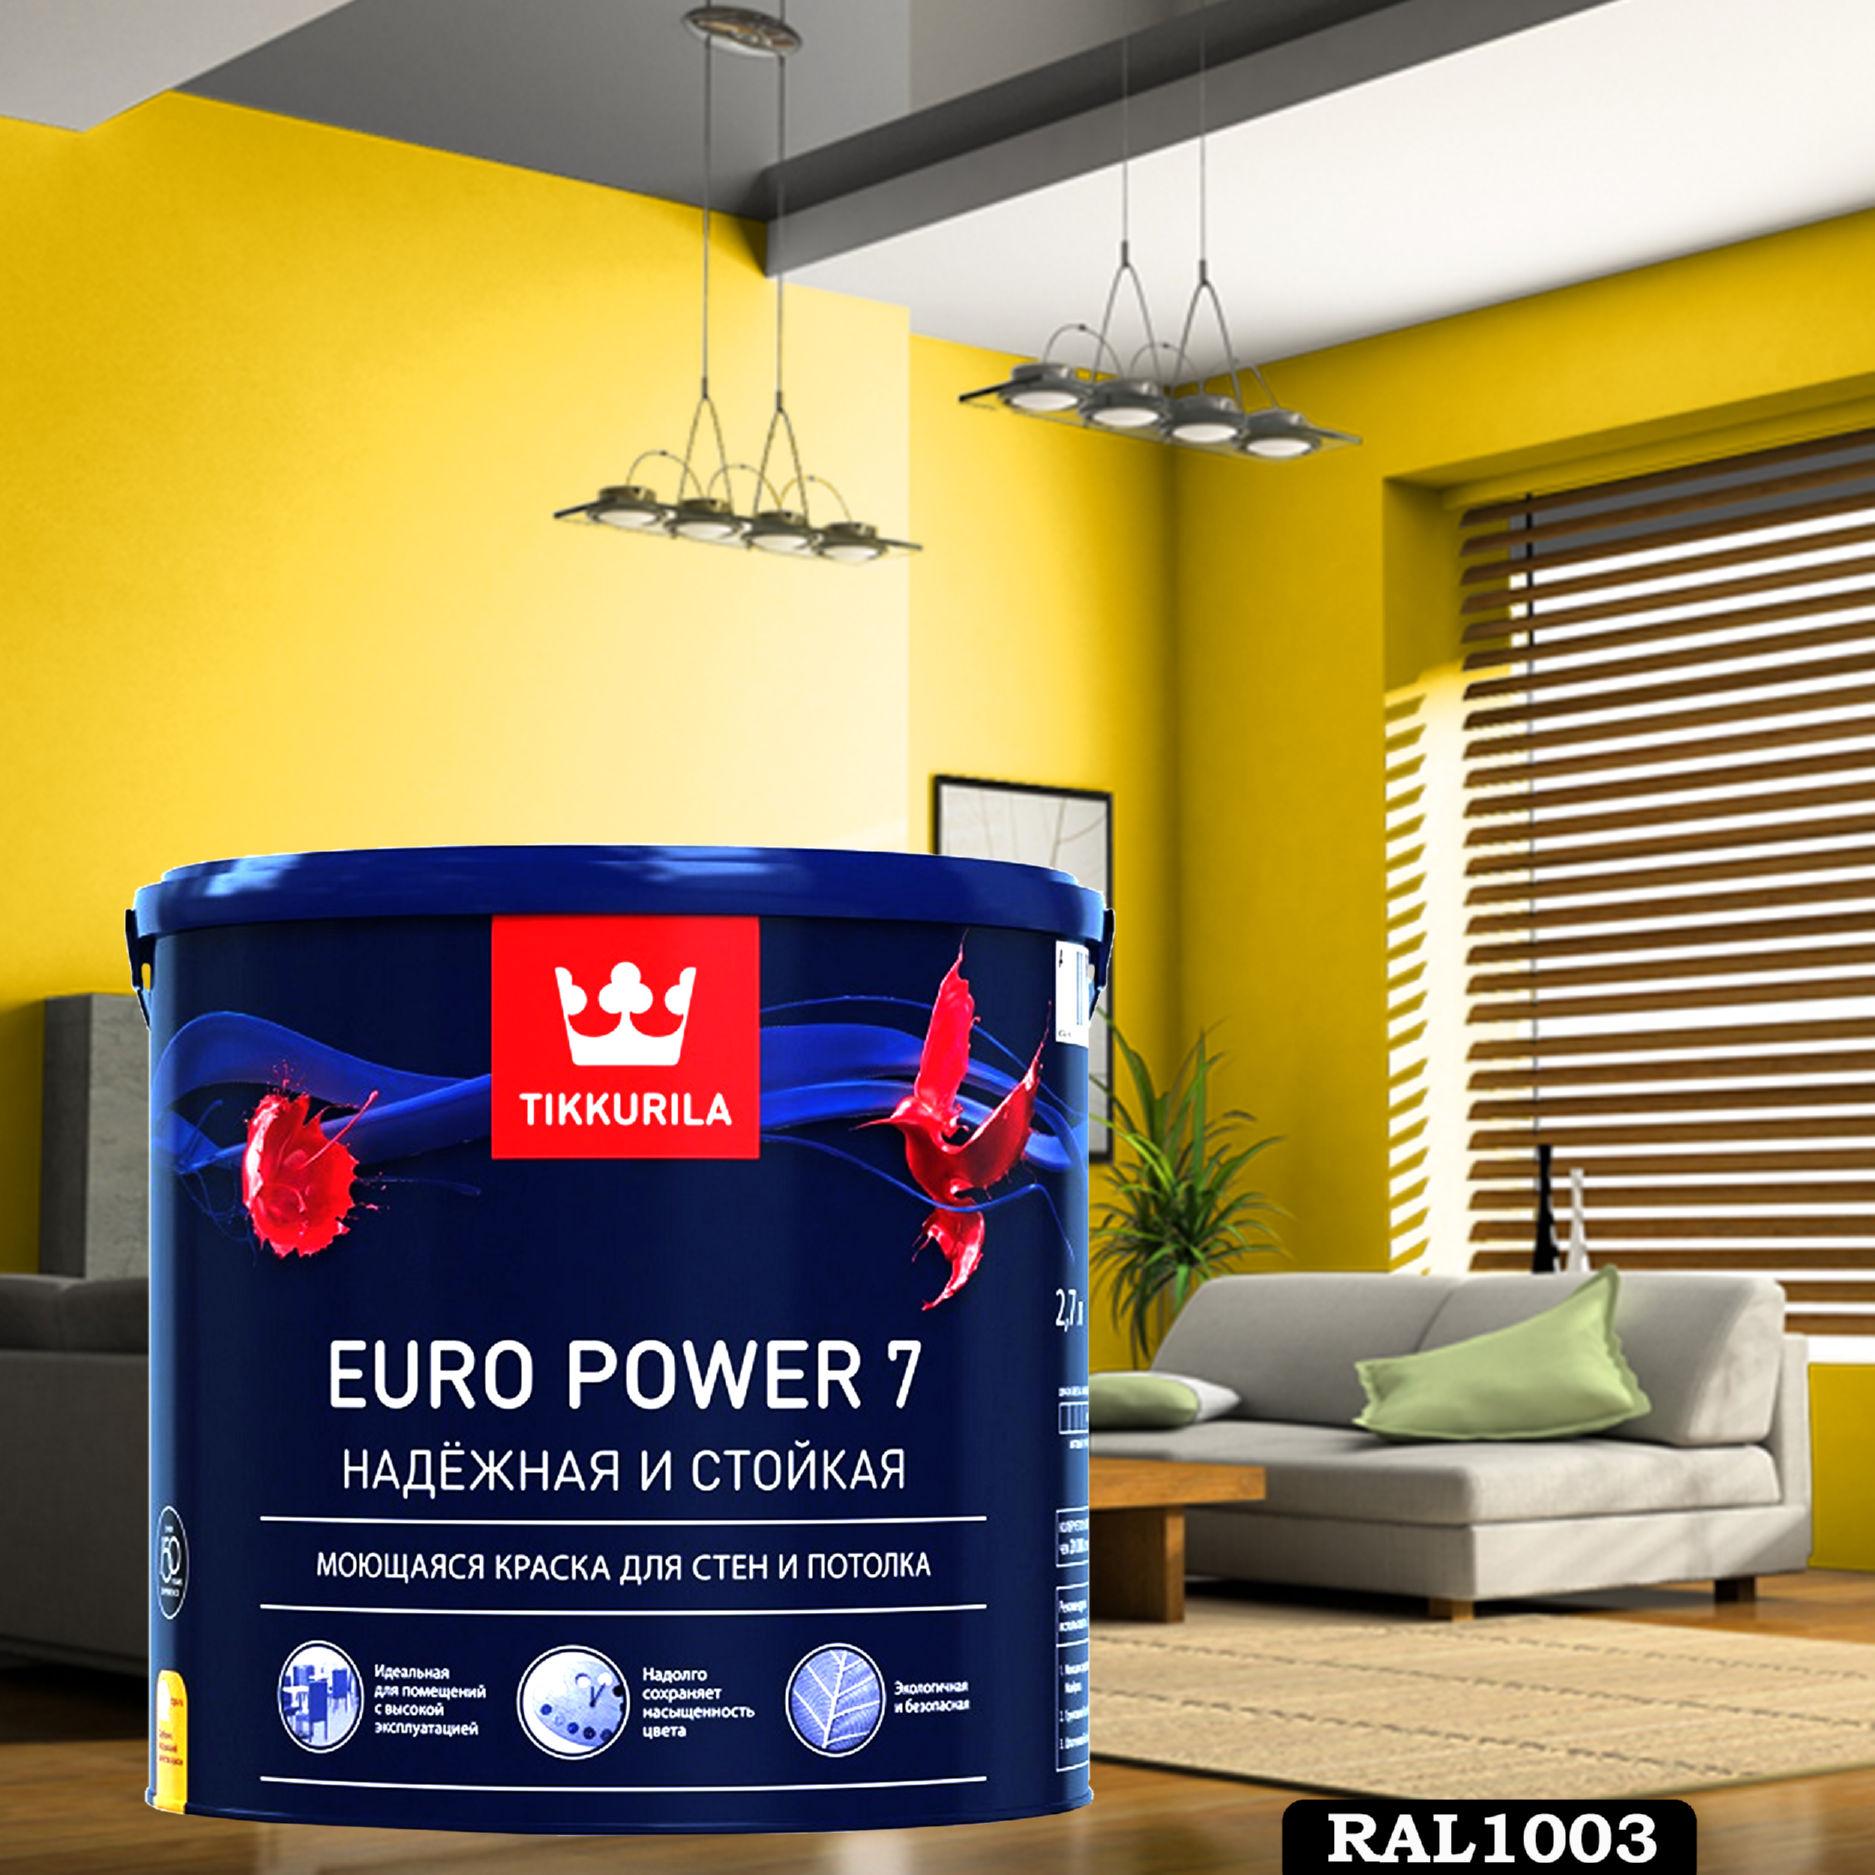 Фото 4 - Краска TIKKURILA Euro Power 7,  RAL 1003 Сигнально-жёлтый, латексная моющаяся матовая интерьерная, 9 л.